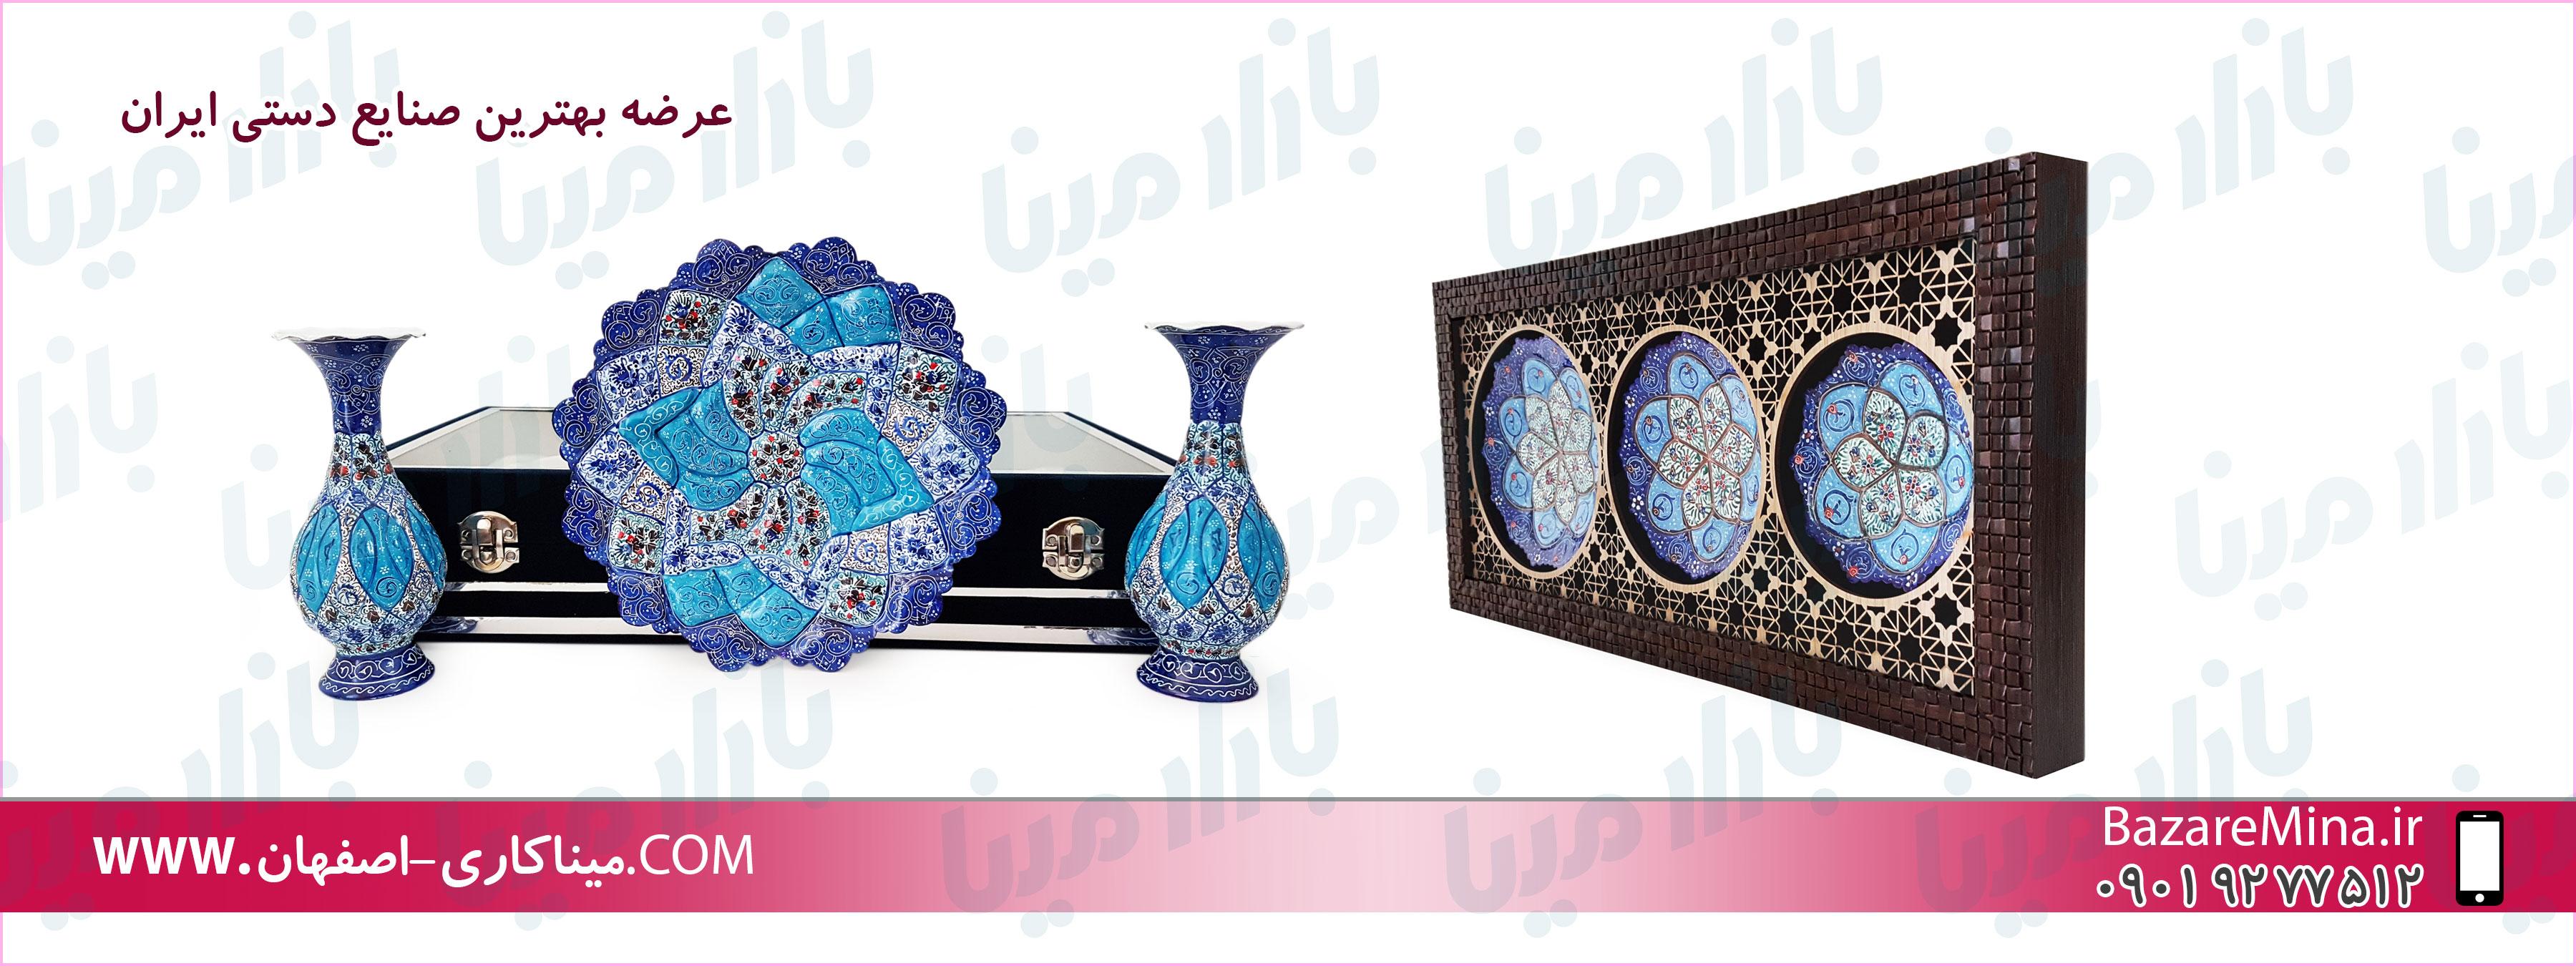 میناکاری و اصفهان